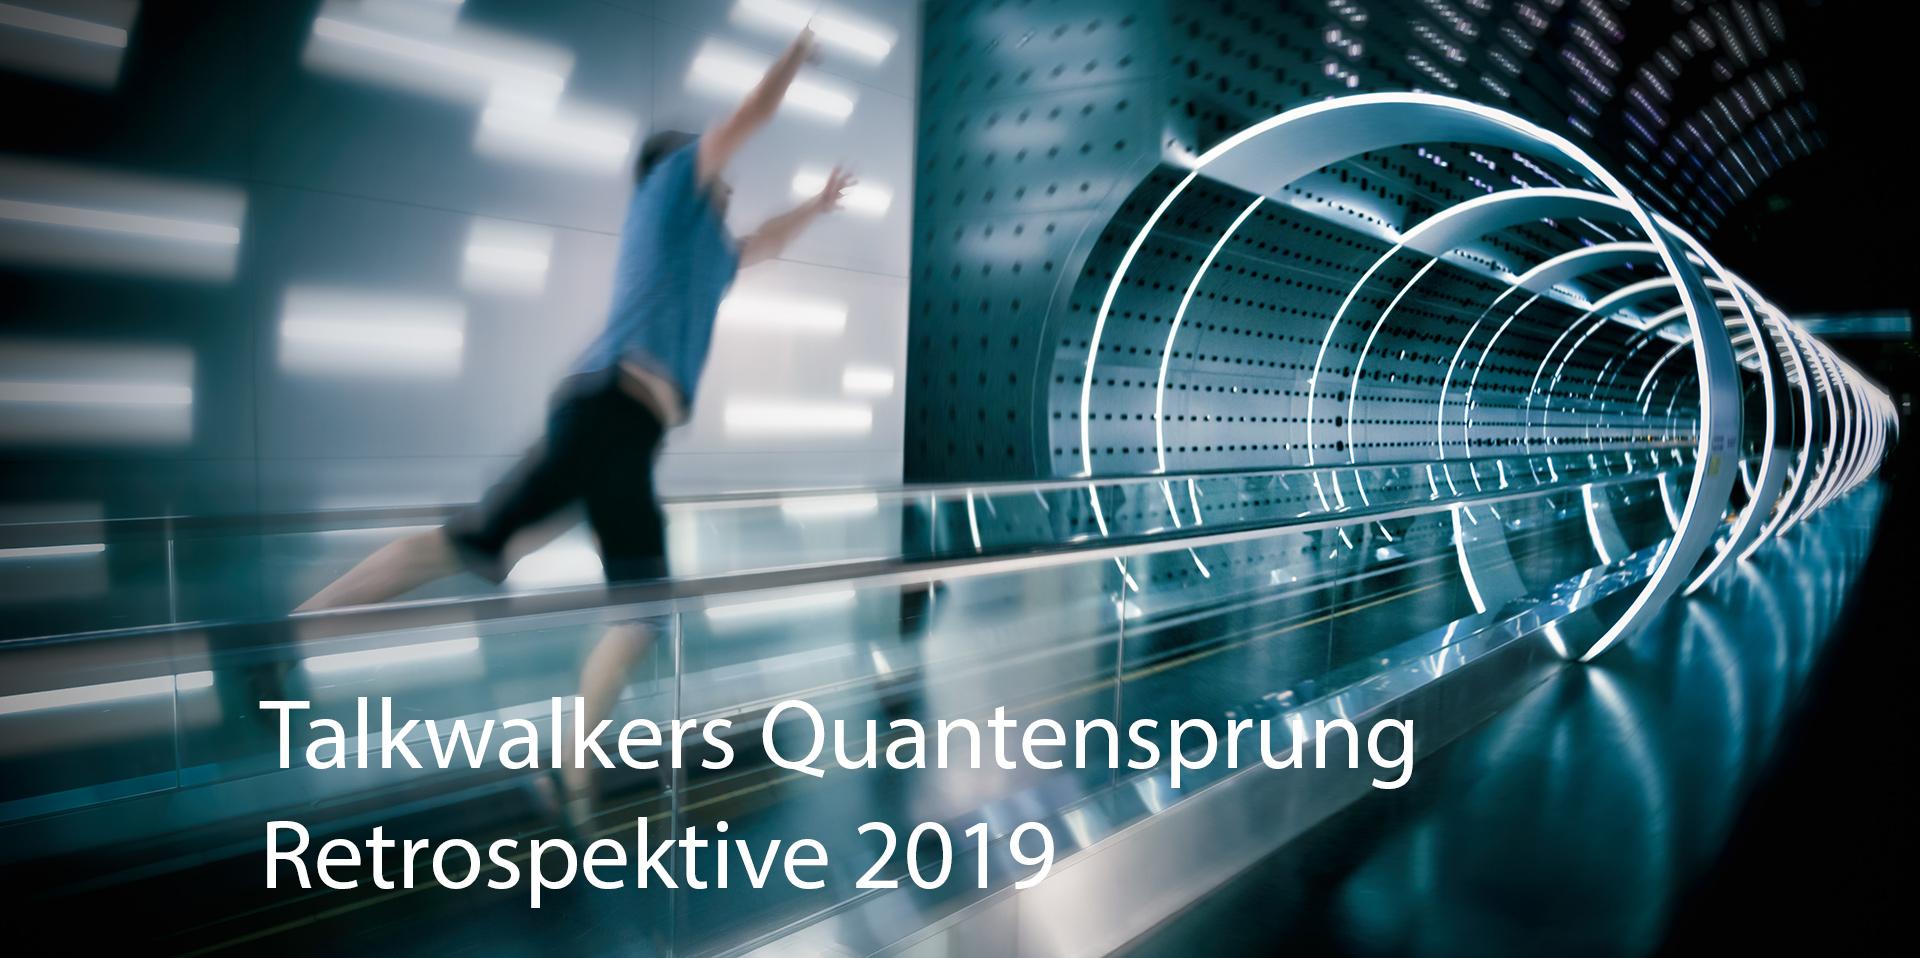 Talkwalkers Quantensprung – Eine Retrospektive für 2019